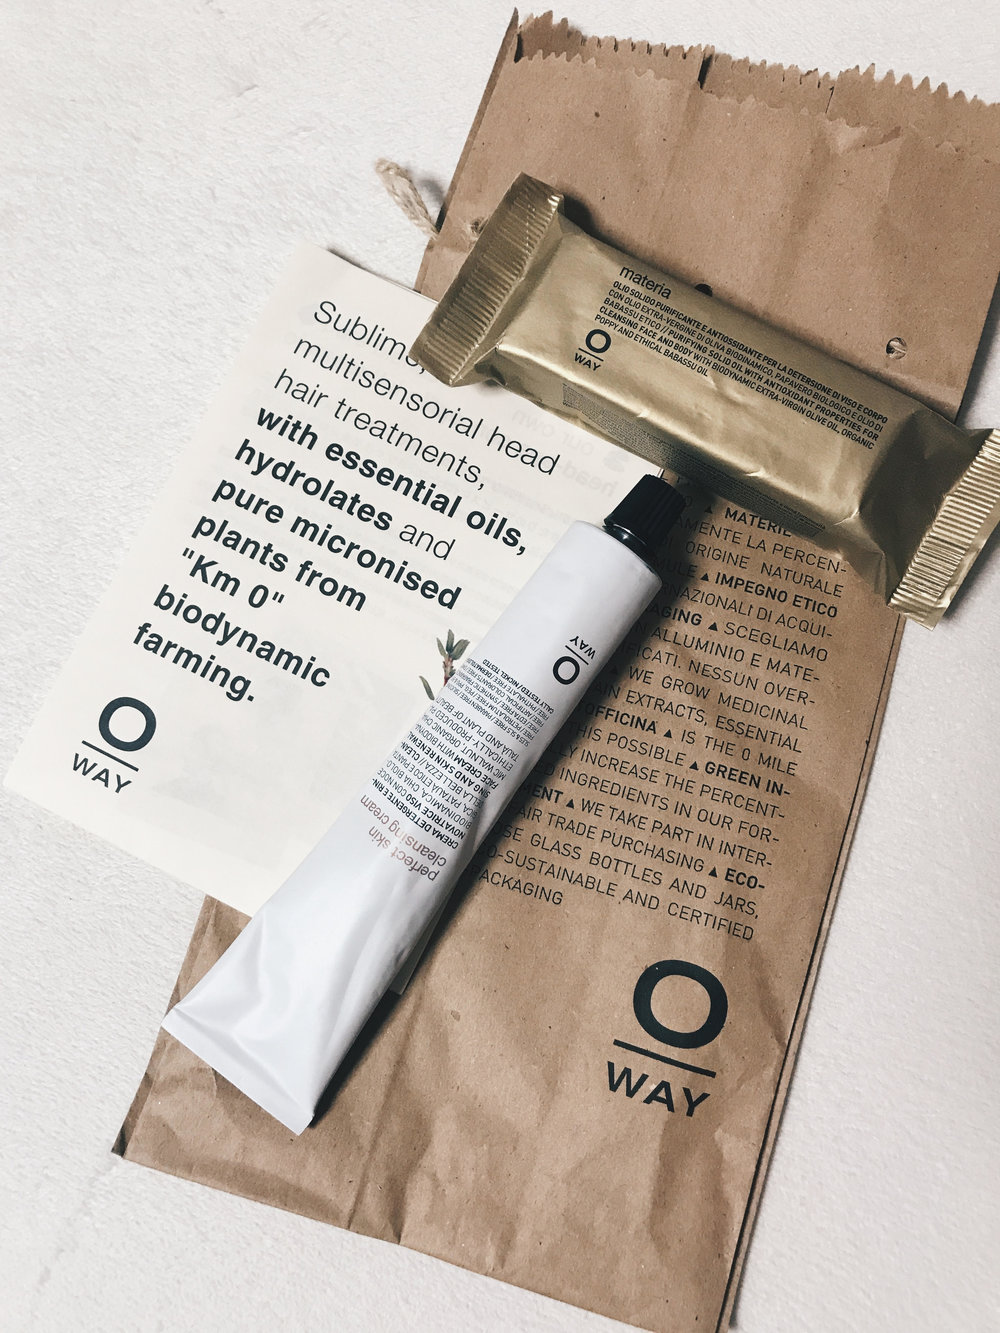 ゴールドの袋のがo-wayのmaterial  洗顔石鹸になります。  こちら、角質も取れてお肌がツルっとします!   使ってみて良かったのでお店でも販売しようと思っています✴︎  気になる方は是非スタッフまで...      今吉 美佳  HAUL PRODUCTS AREA   〒531-0076 大阪市北区大淀中1-13-15   06-4798-8866